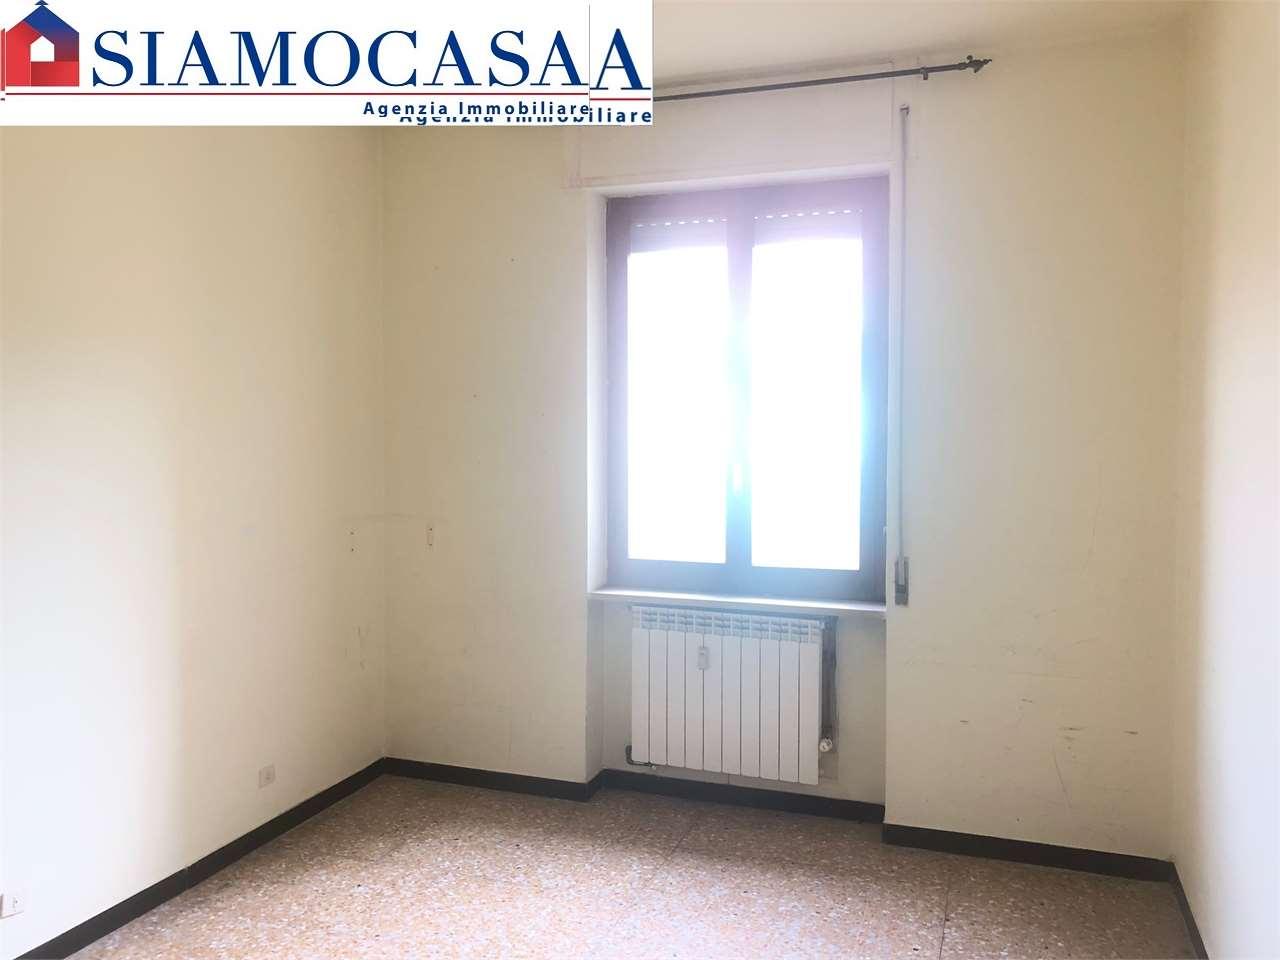 Appartamento in vendita a Alessandria, 2 locali, zona Zona: Villaggio Europa, prezzo € 45.000 | CambioCasa.it